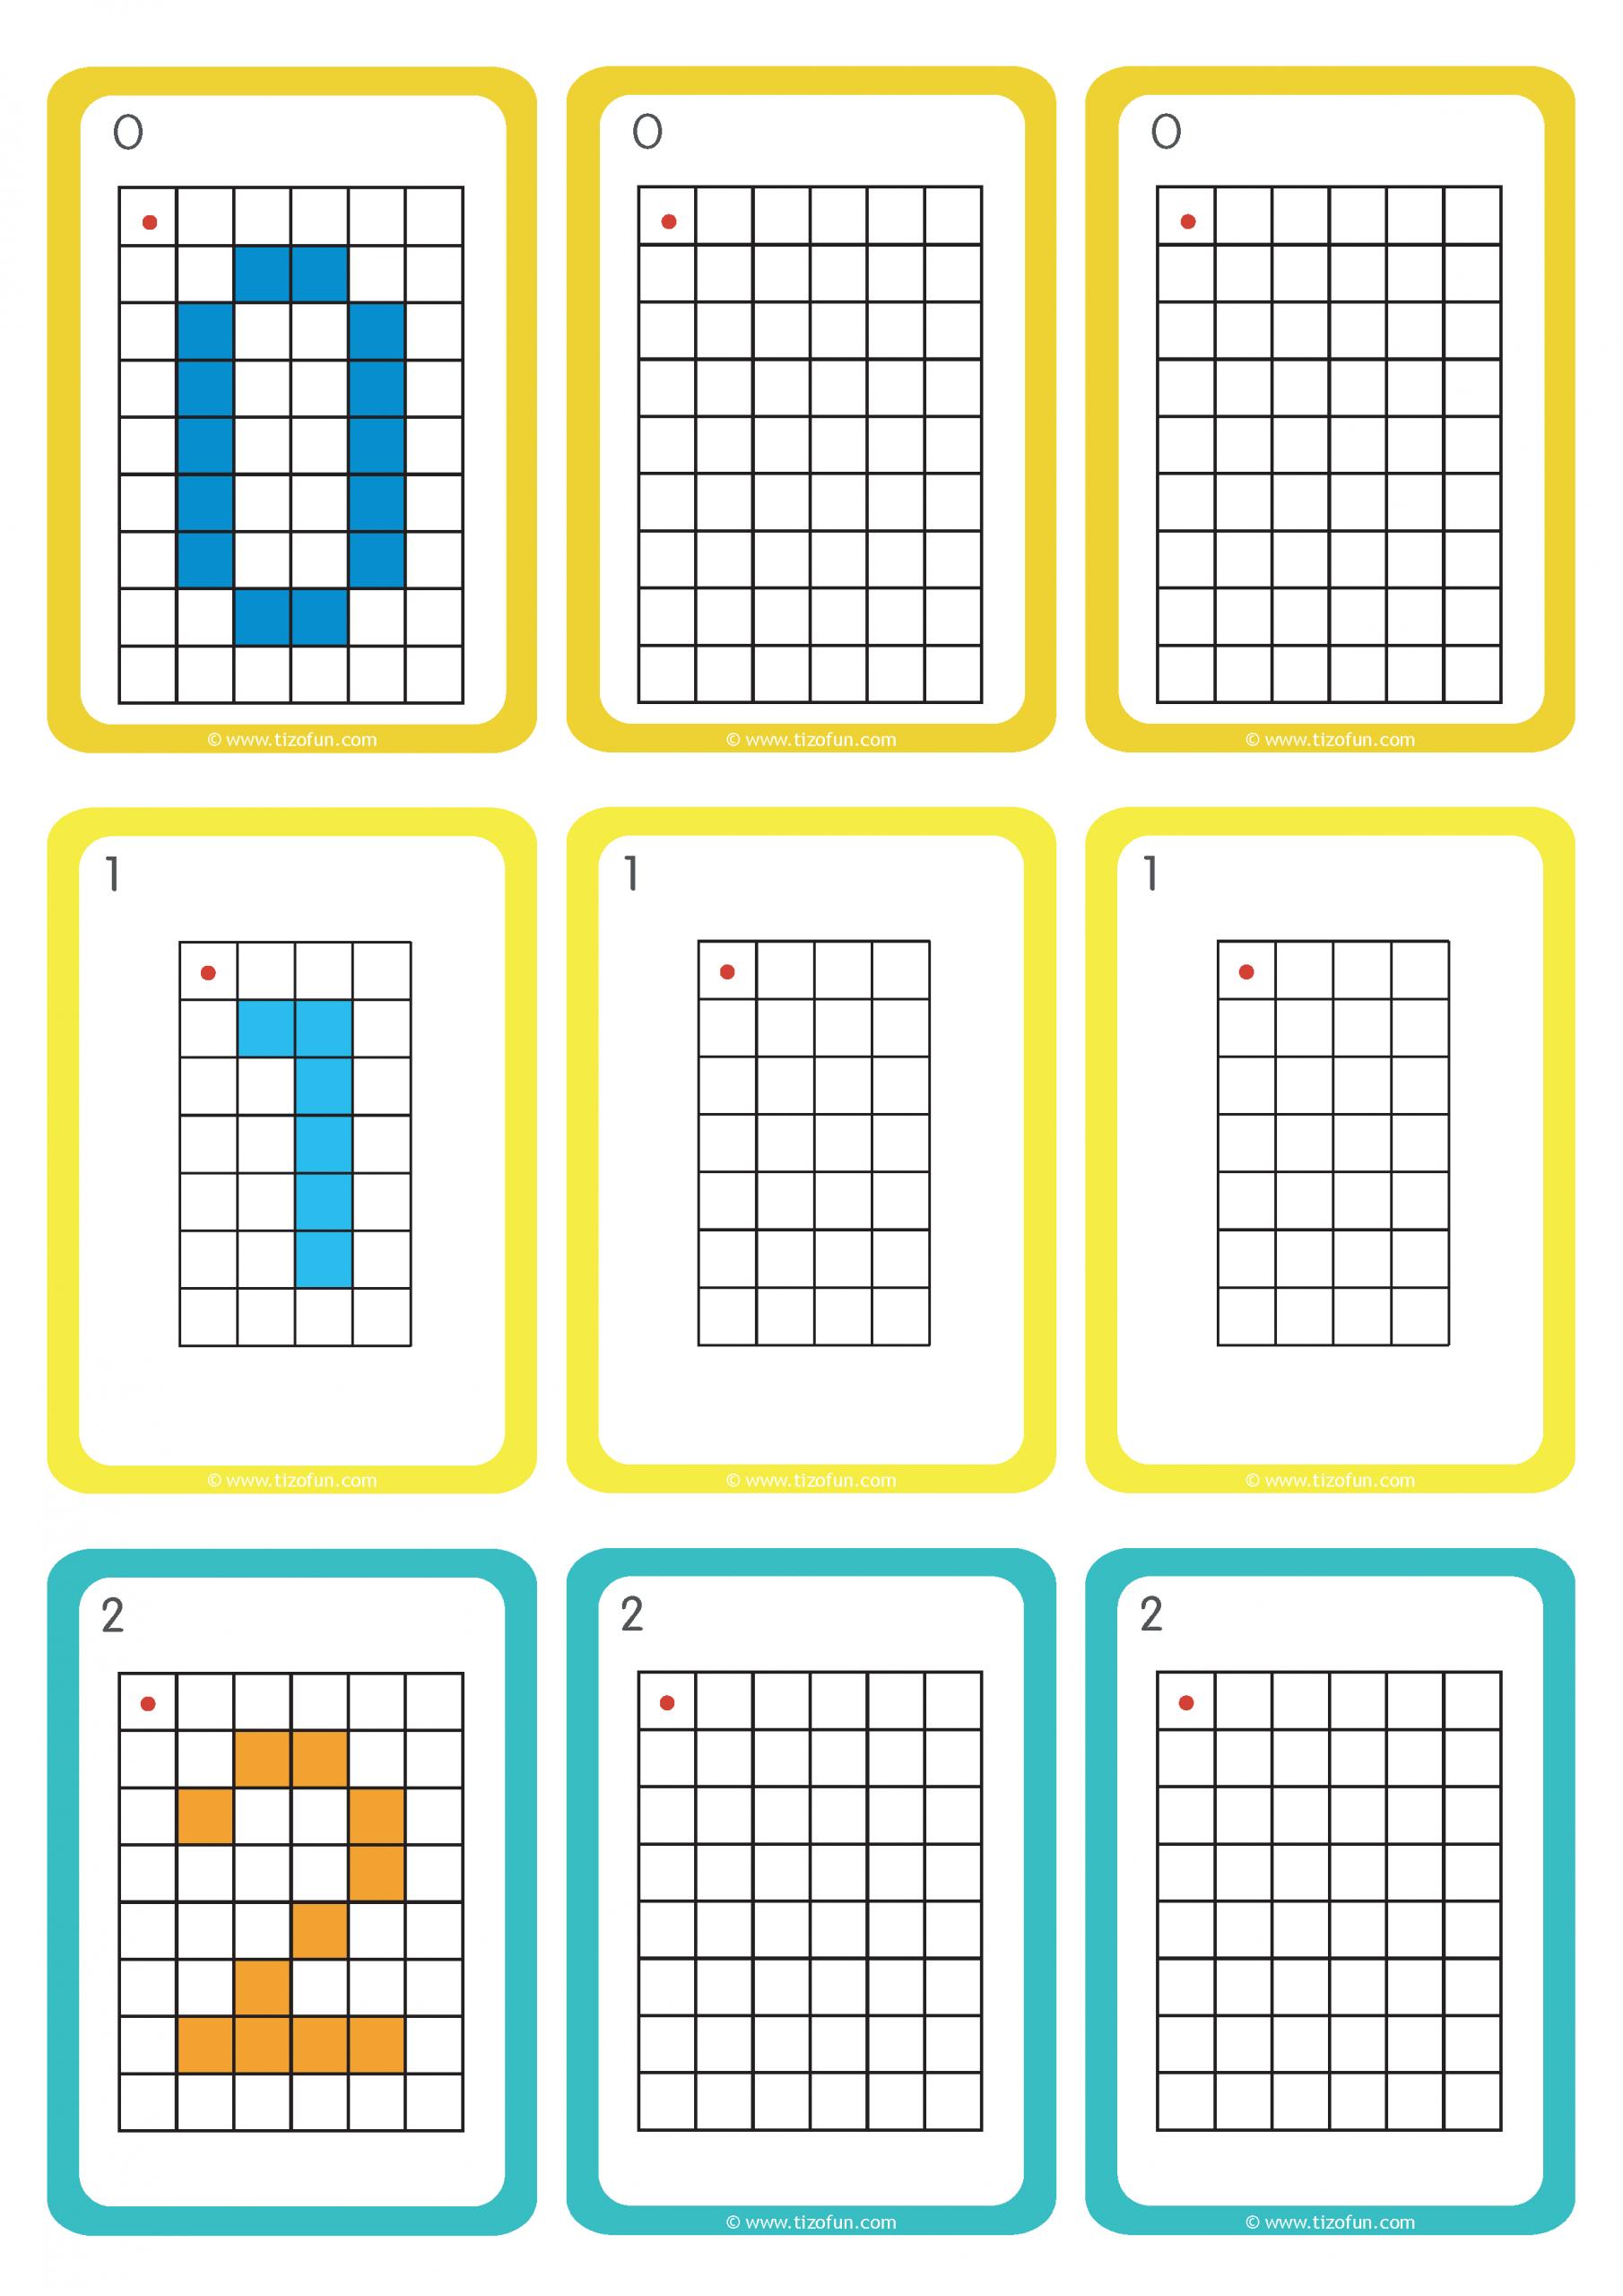 Exercice De Math Cp En Ligne Fiche Mathématique À Imprimer serapportantà Jeux Cp À Imprimer